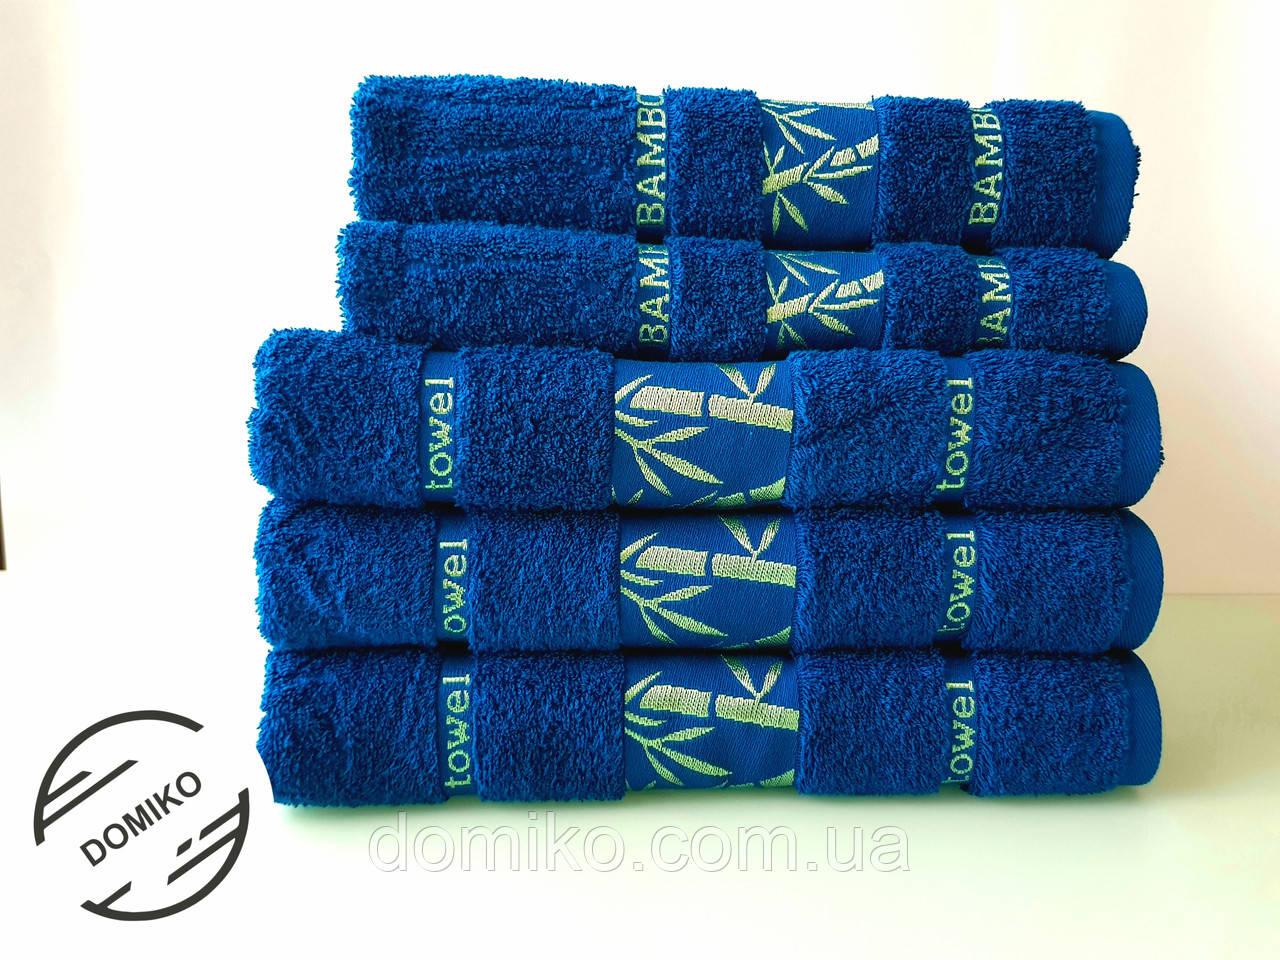 Полотенце махровое 50х90 Бамбук. Синее.